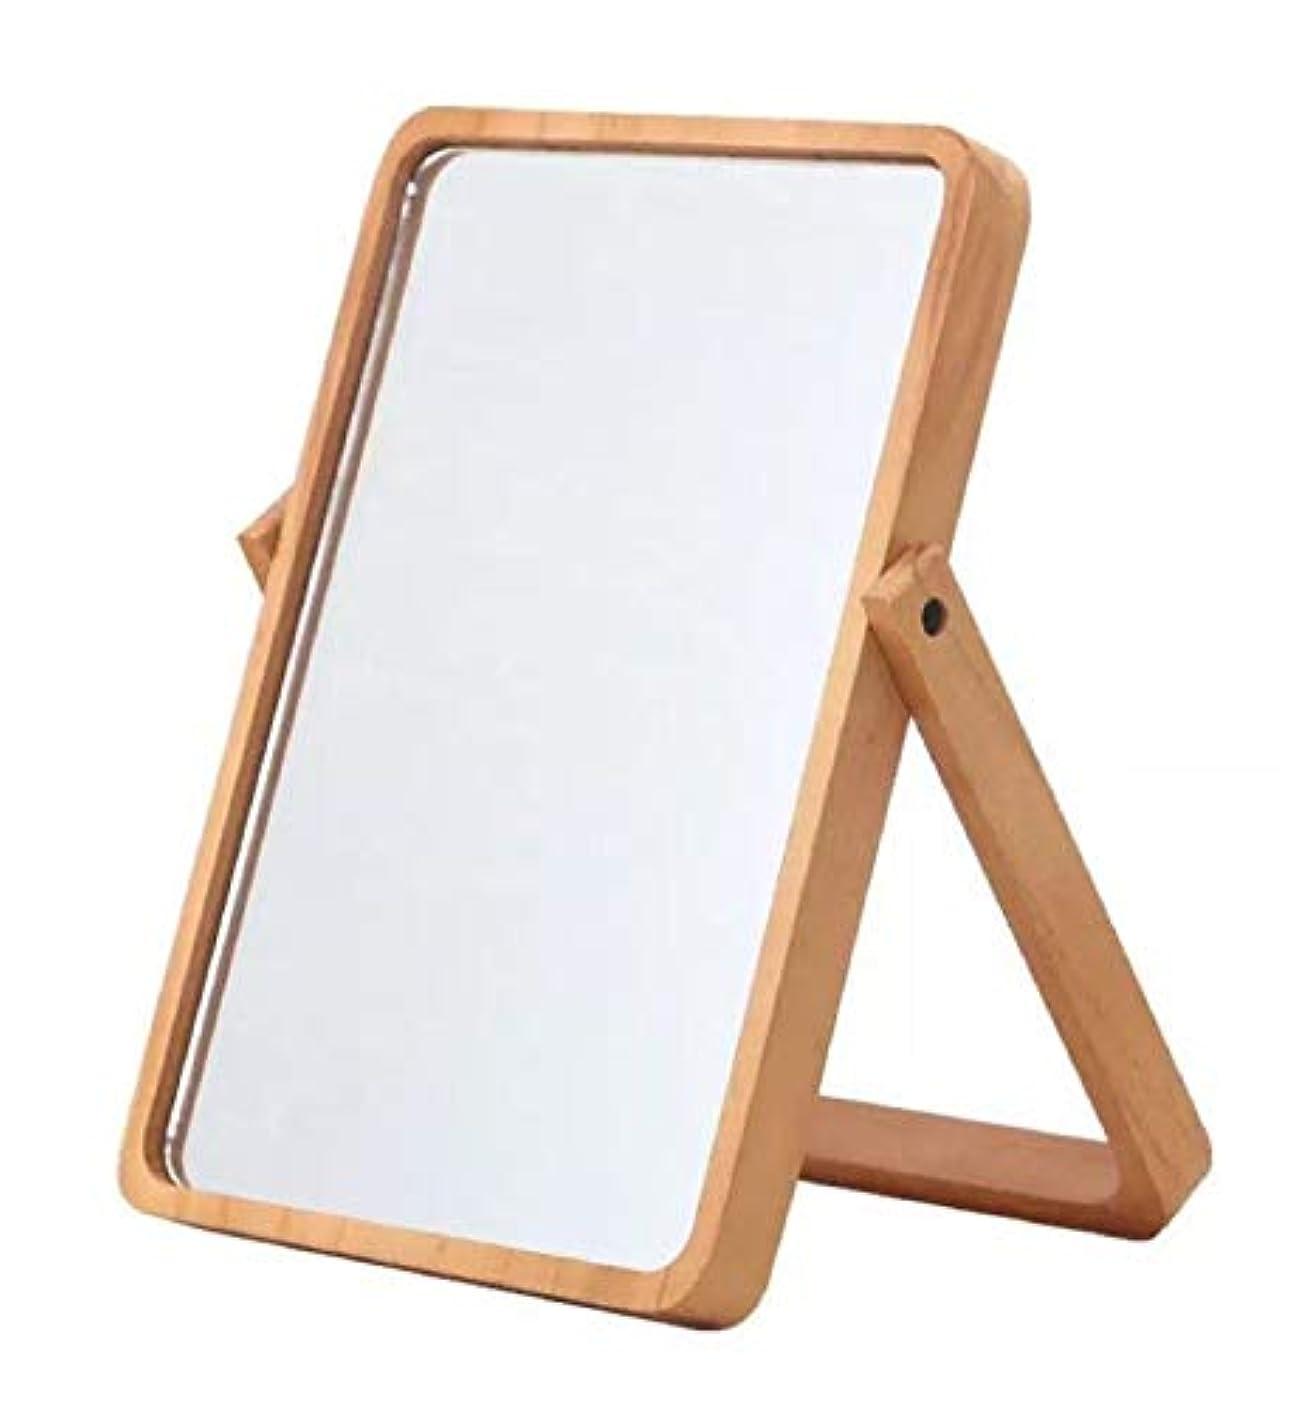 検出する擁する未払い卓上鏡 木枠 鏡 壁掛け 卓上 ミラー 木製フレーム 卓上ミラー 木 スタンド式 化粧鏡 化粧ミラー26.5×20×2㎝